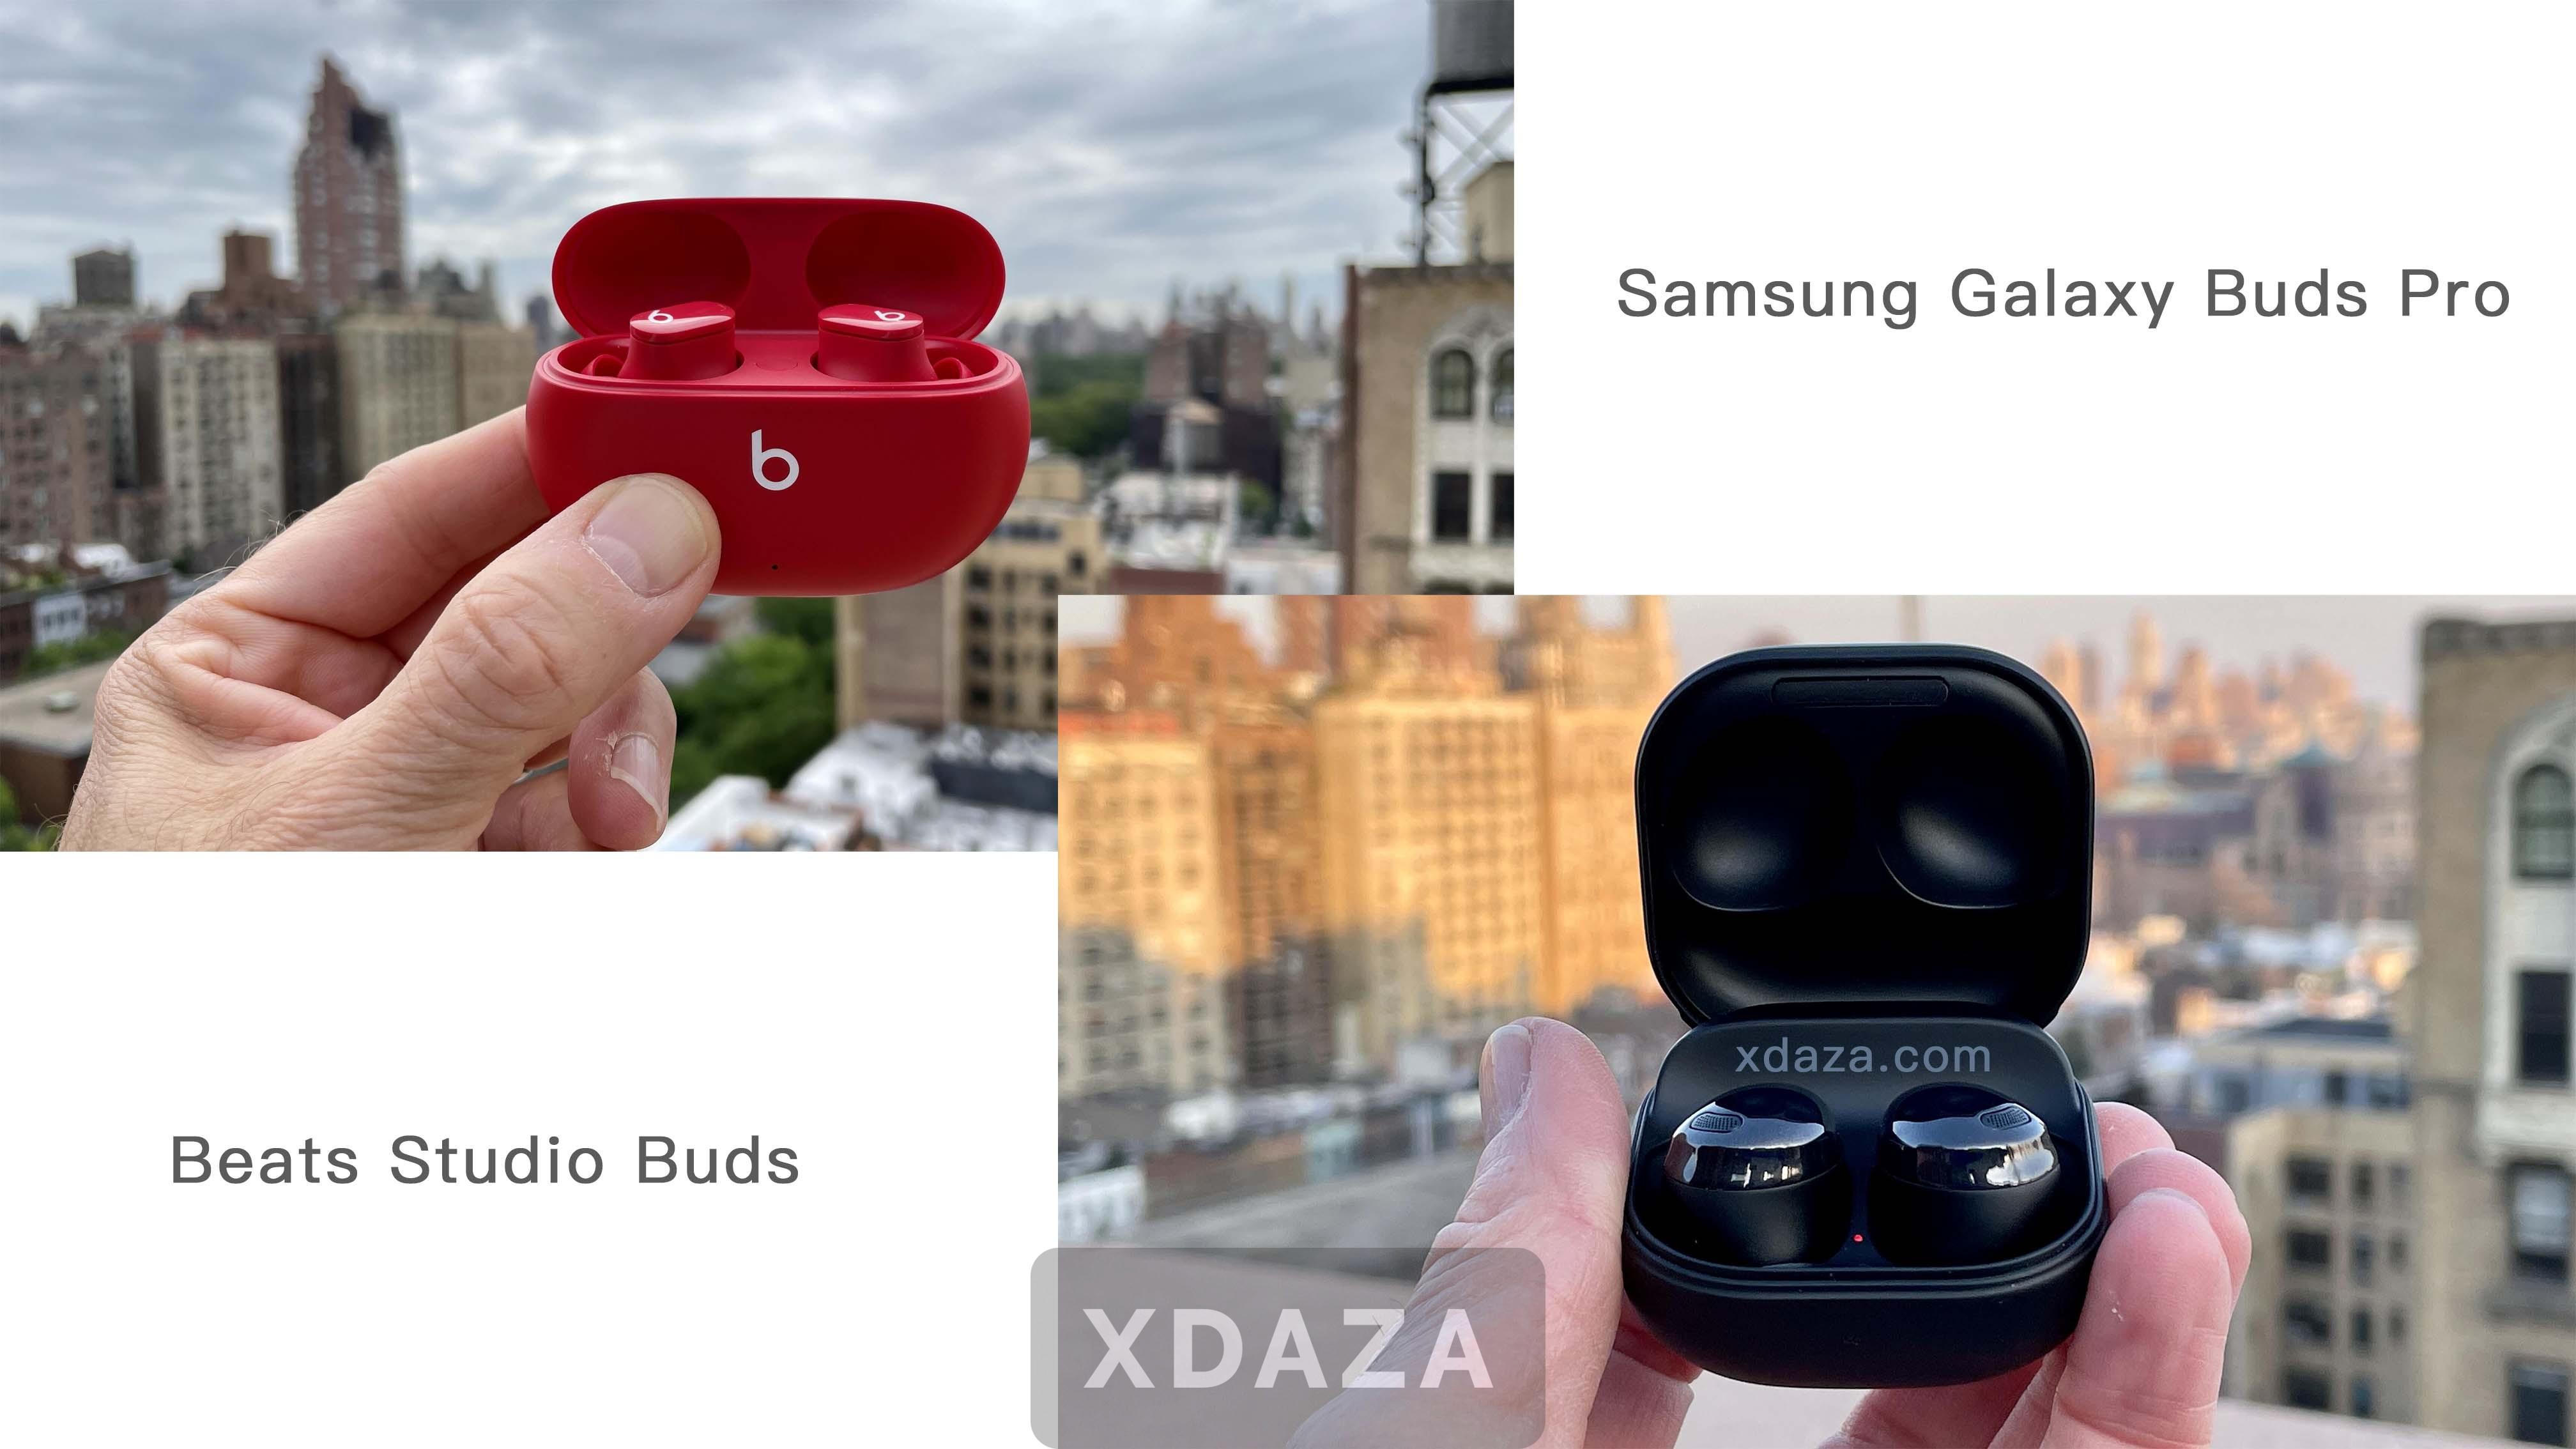 苹果Beats Studio Buds发布:苹果性价比降噪耳机表现如何?与AirPods和AirPods Pro横评